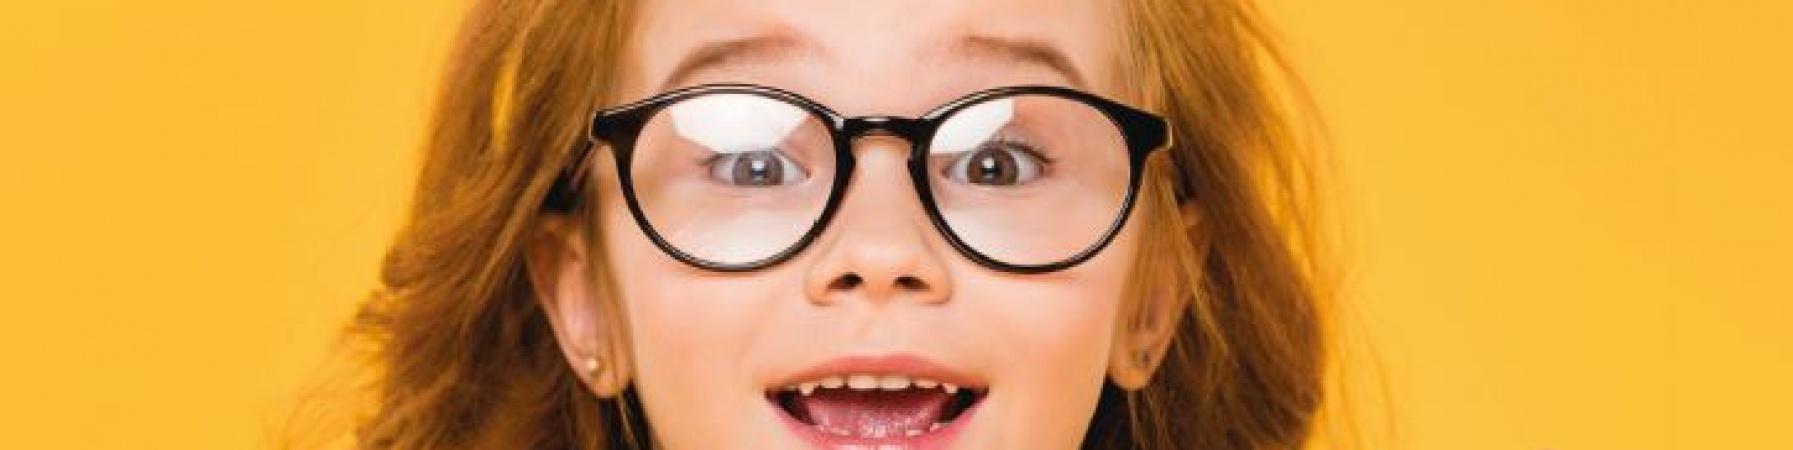 Primo piano bambina con capelli rossi e occhiali